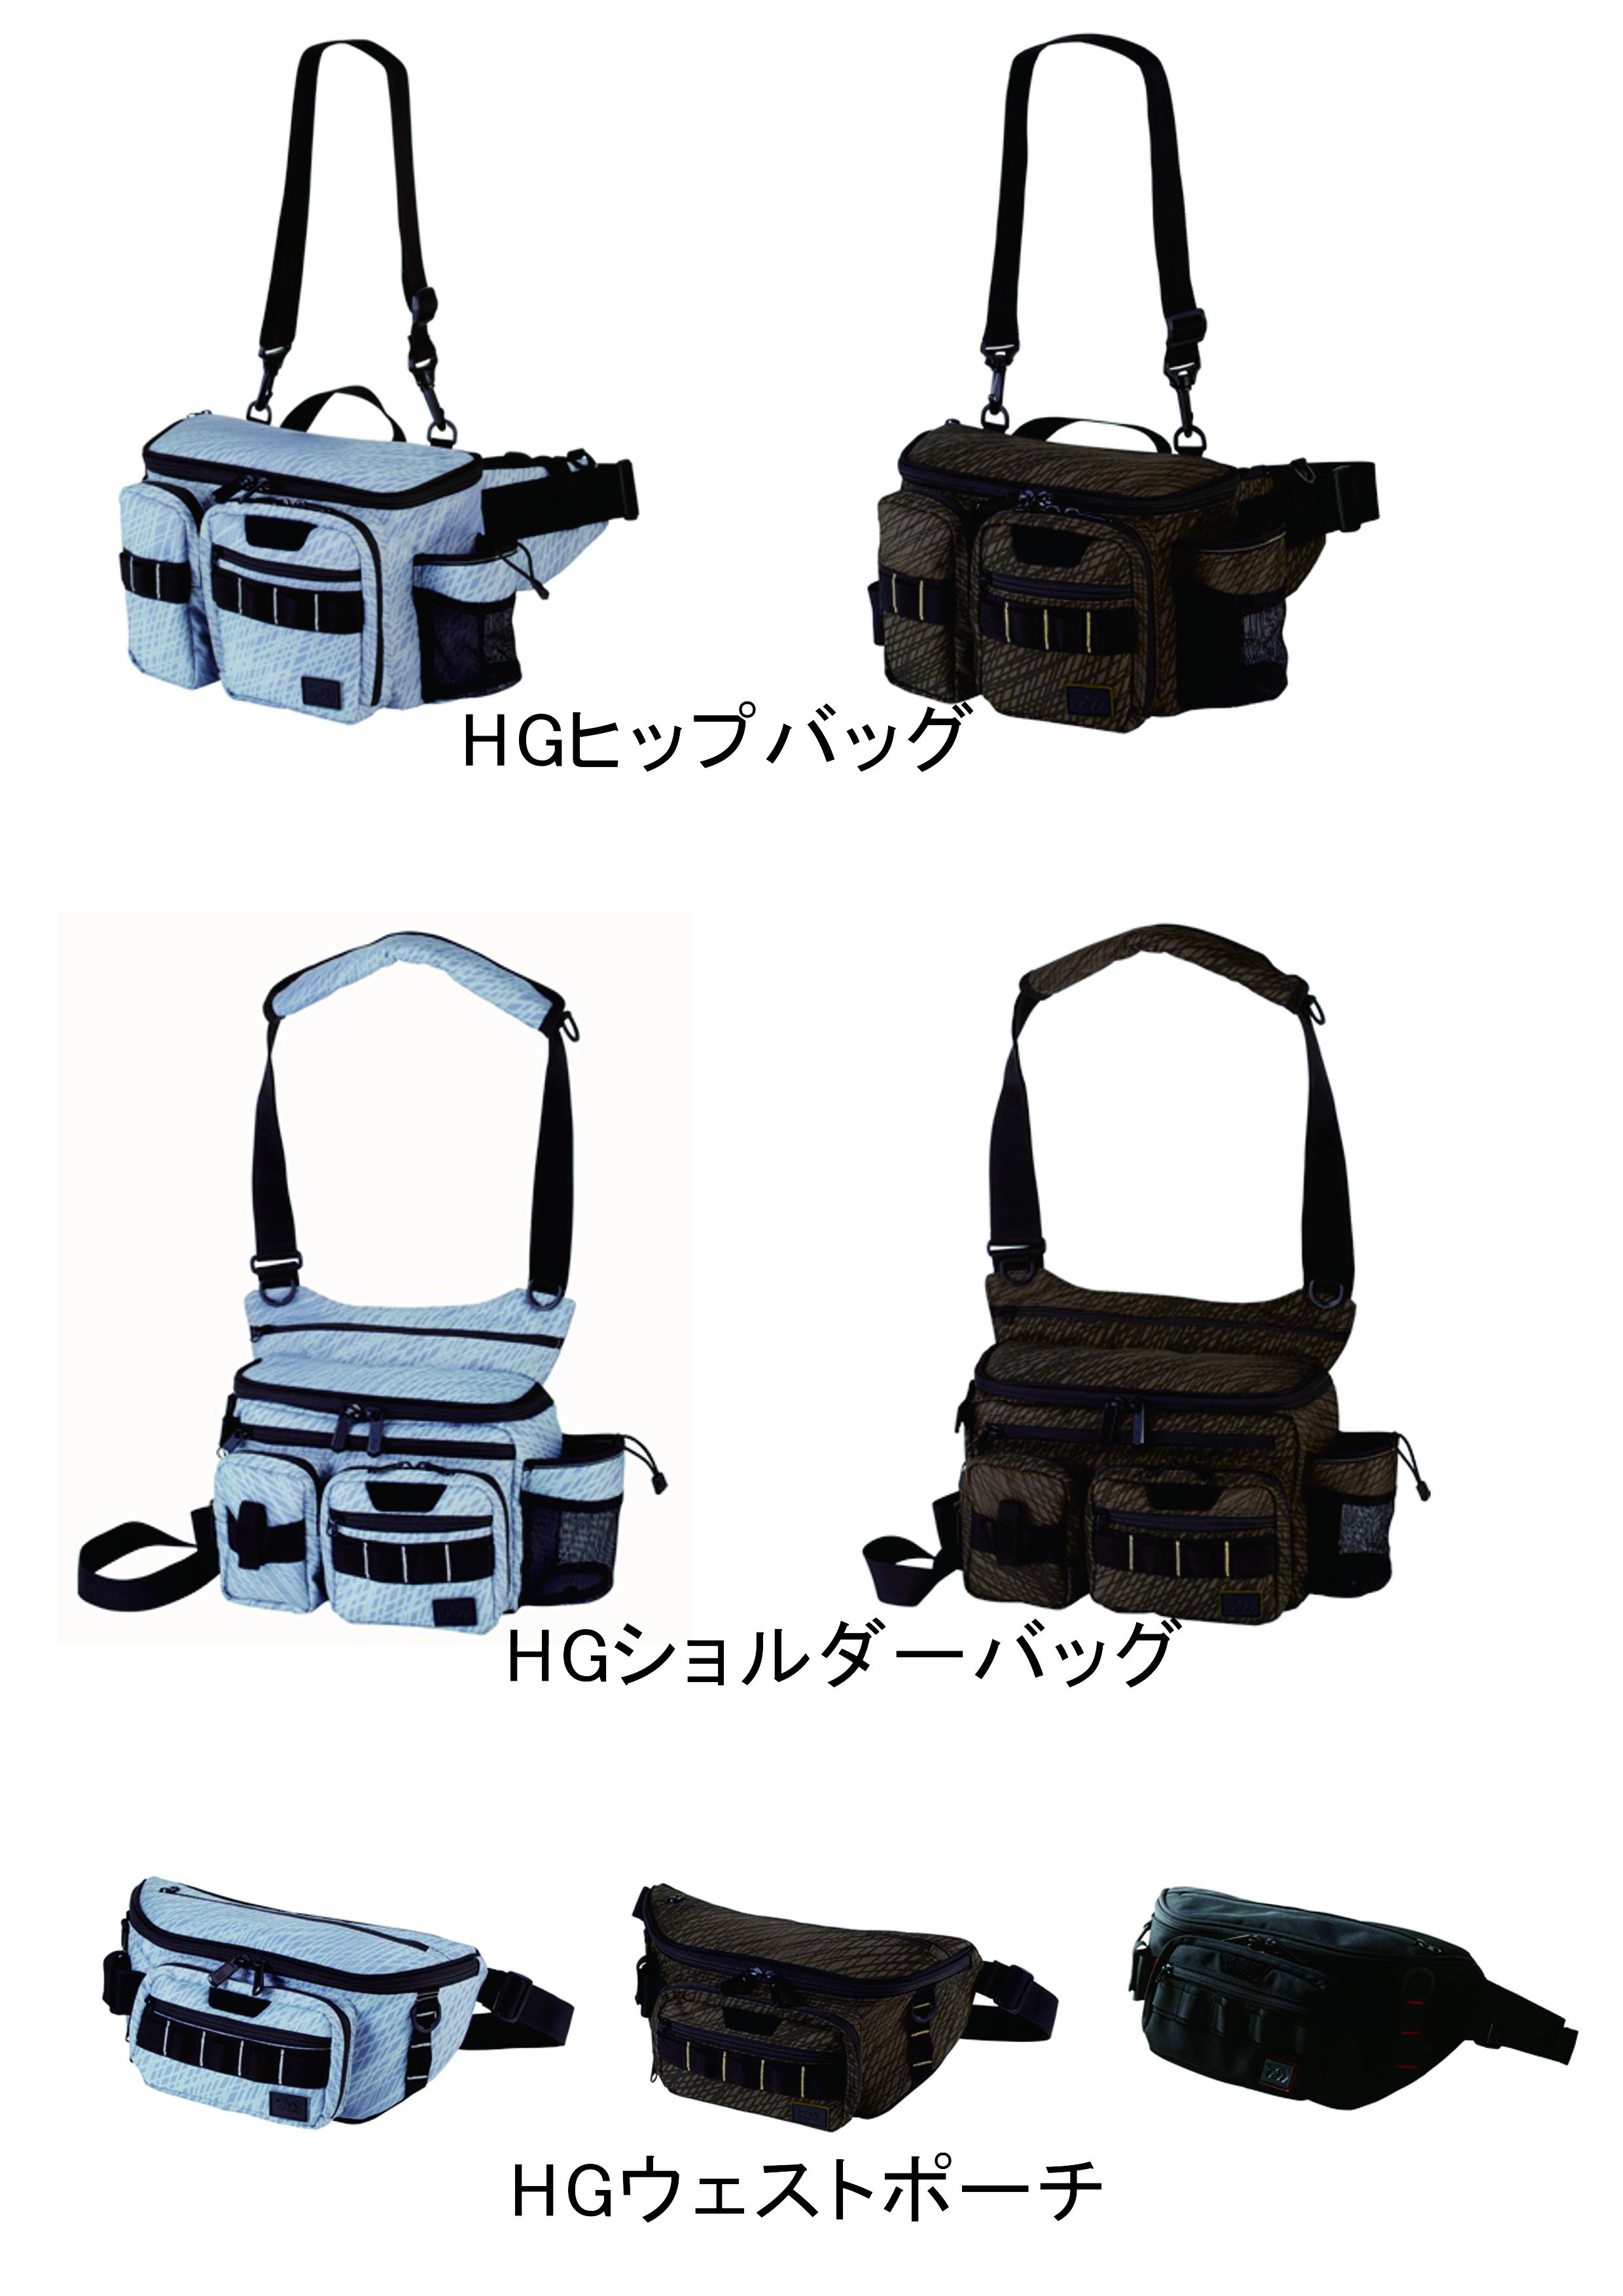 新製品 ヒップバッグ、ショルダーバッグ、ウェストポーチ 入荷しました